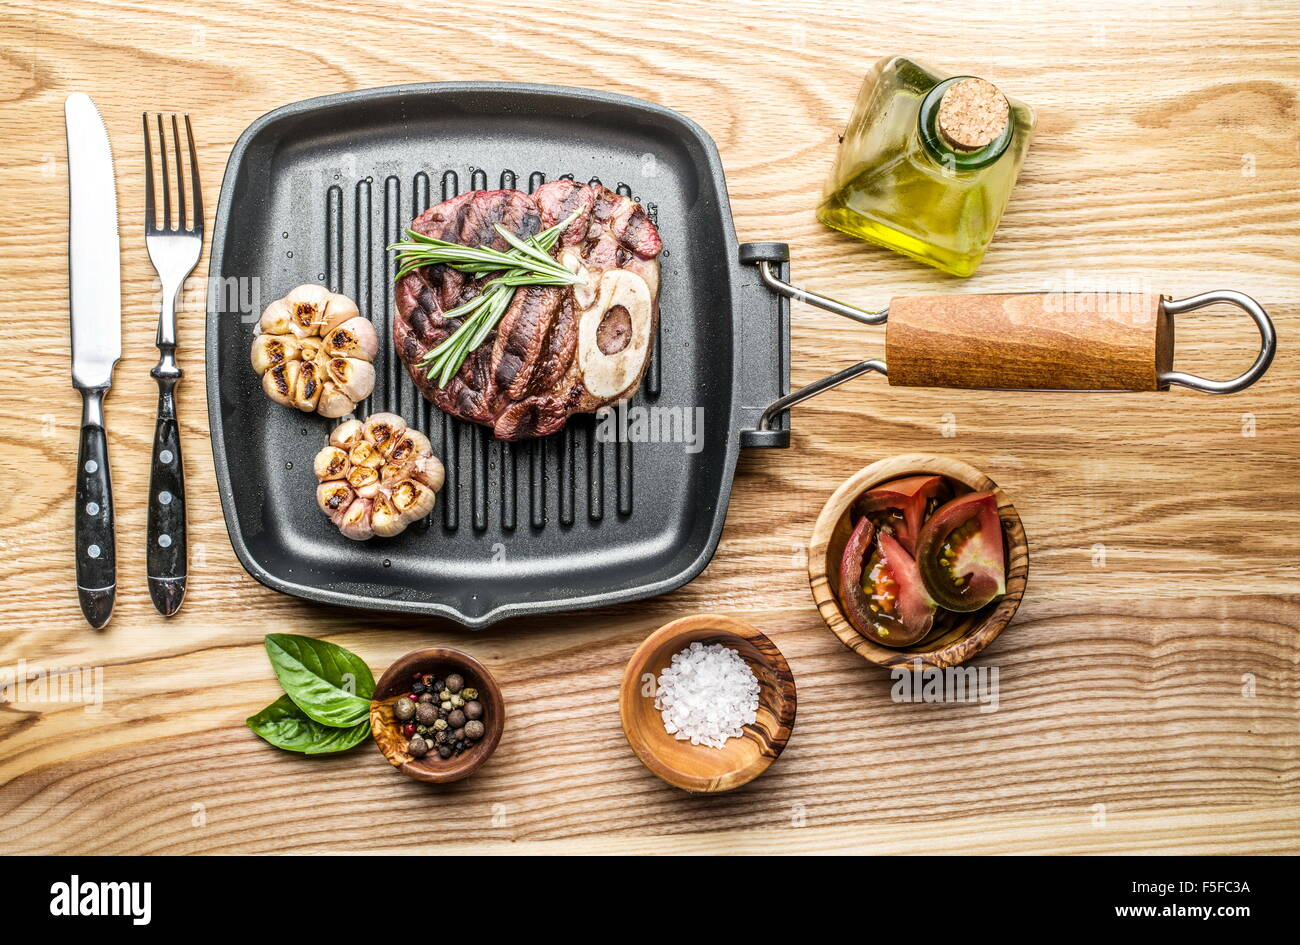 Bistecca di manzo con spezie sulla teglia su un tavolo di legno. Immagini Stock